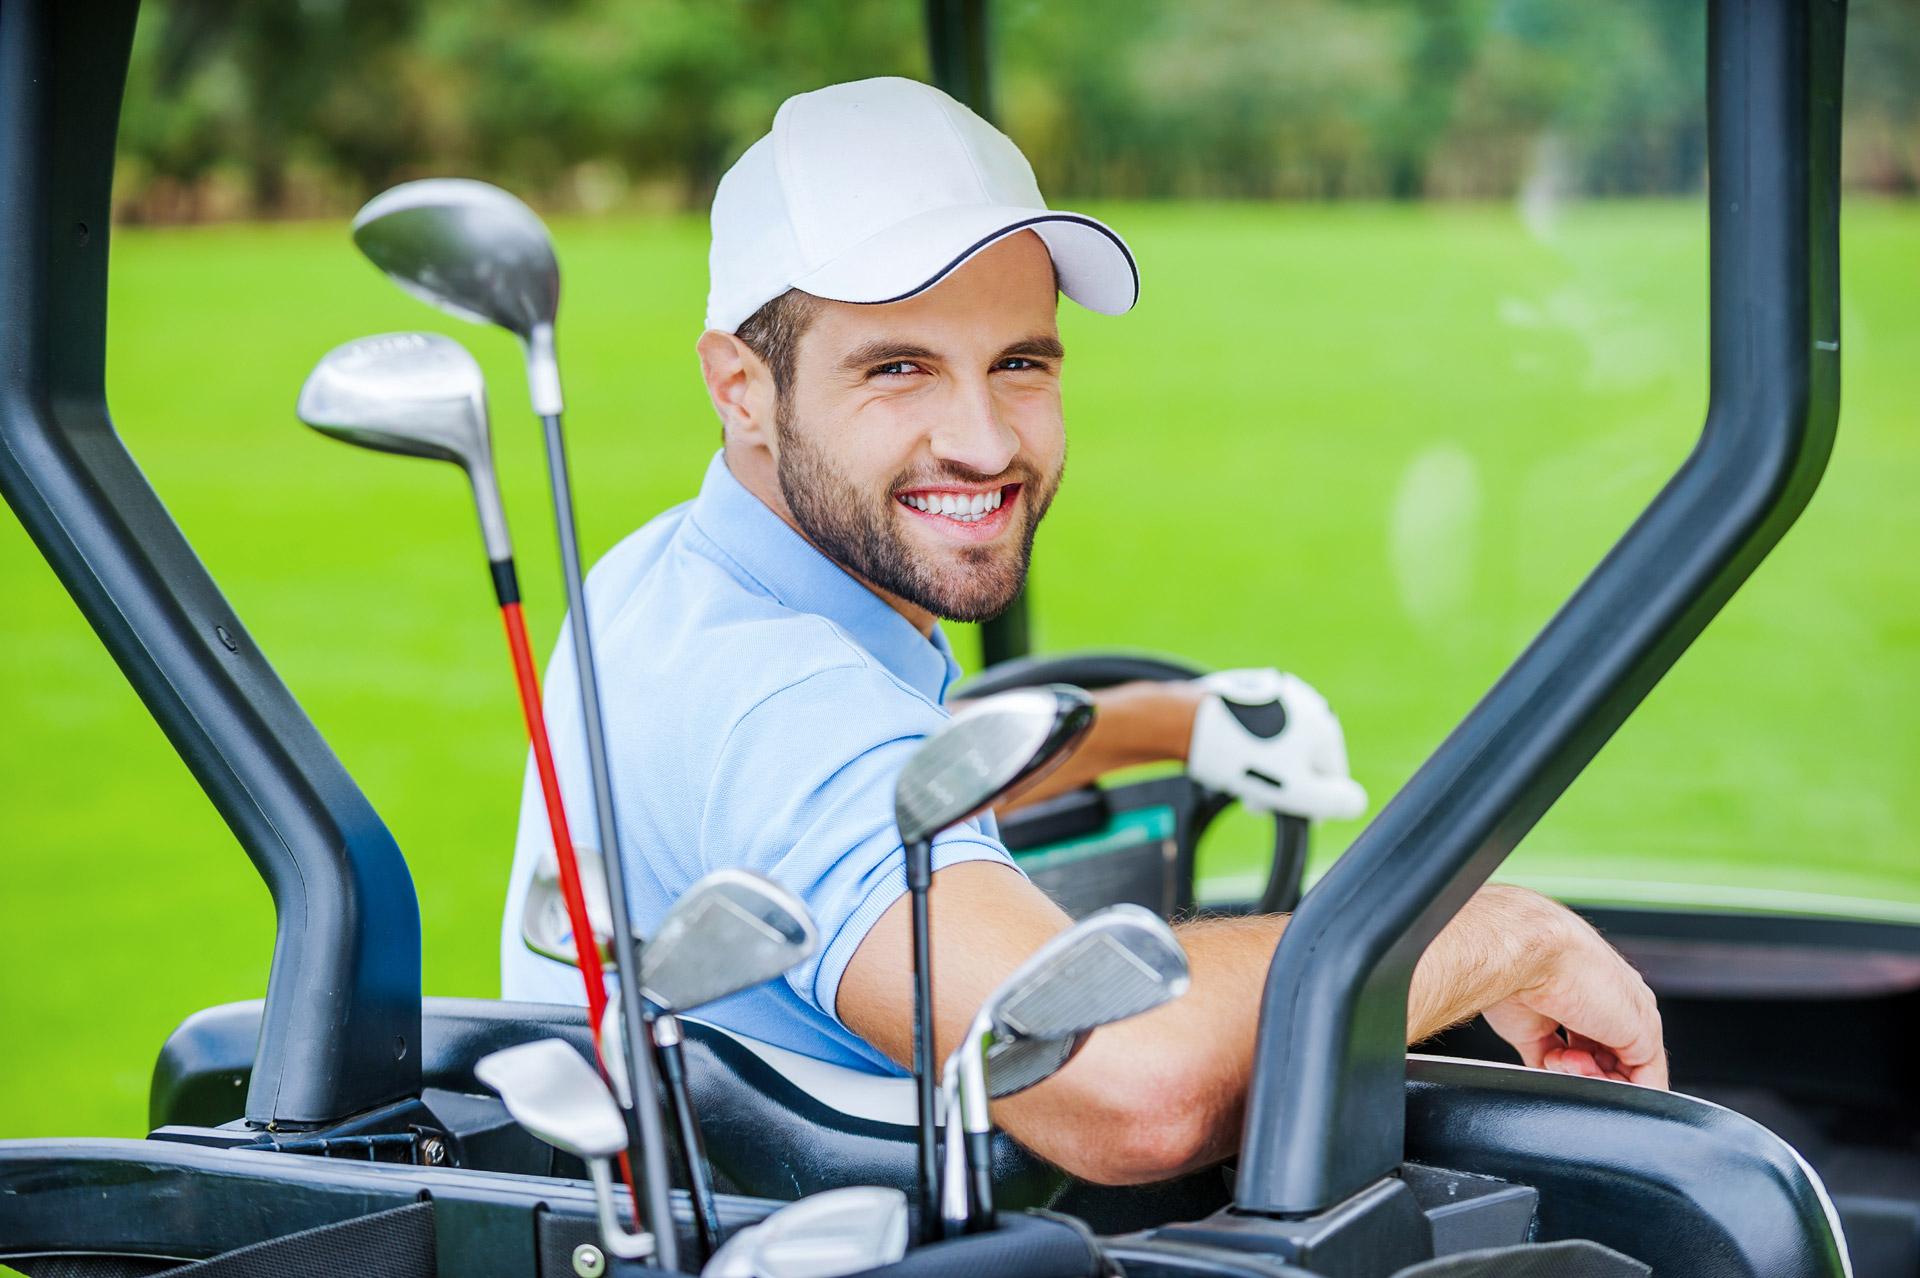 golfer-in-golf-cart-3GUFG5B